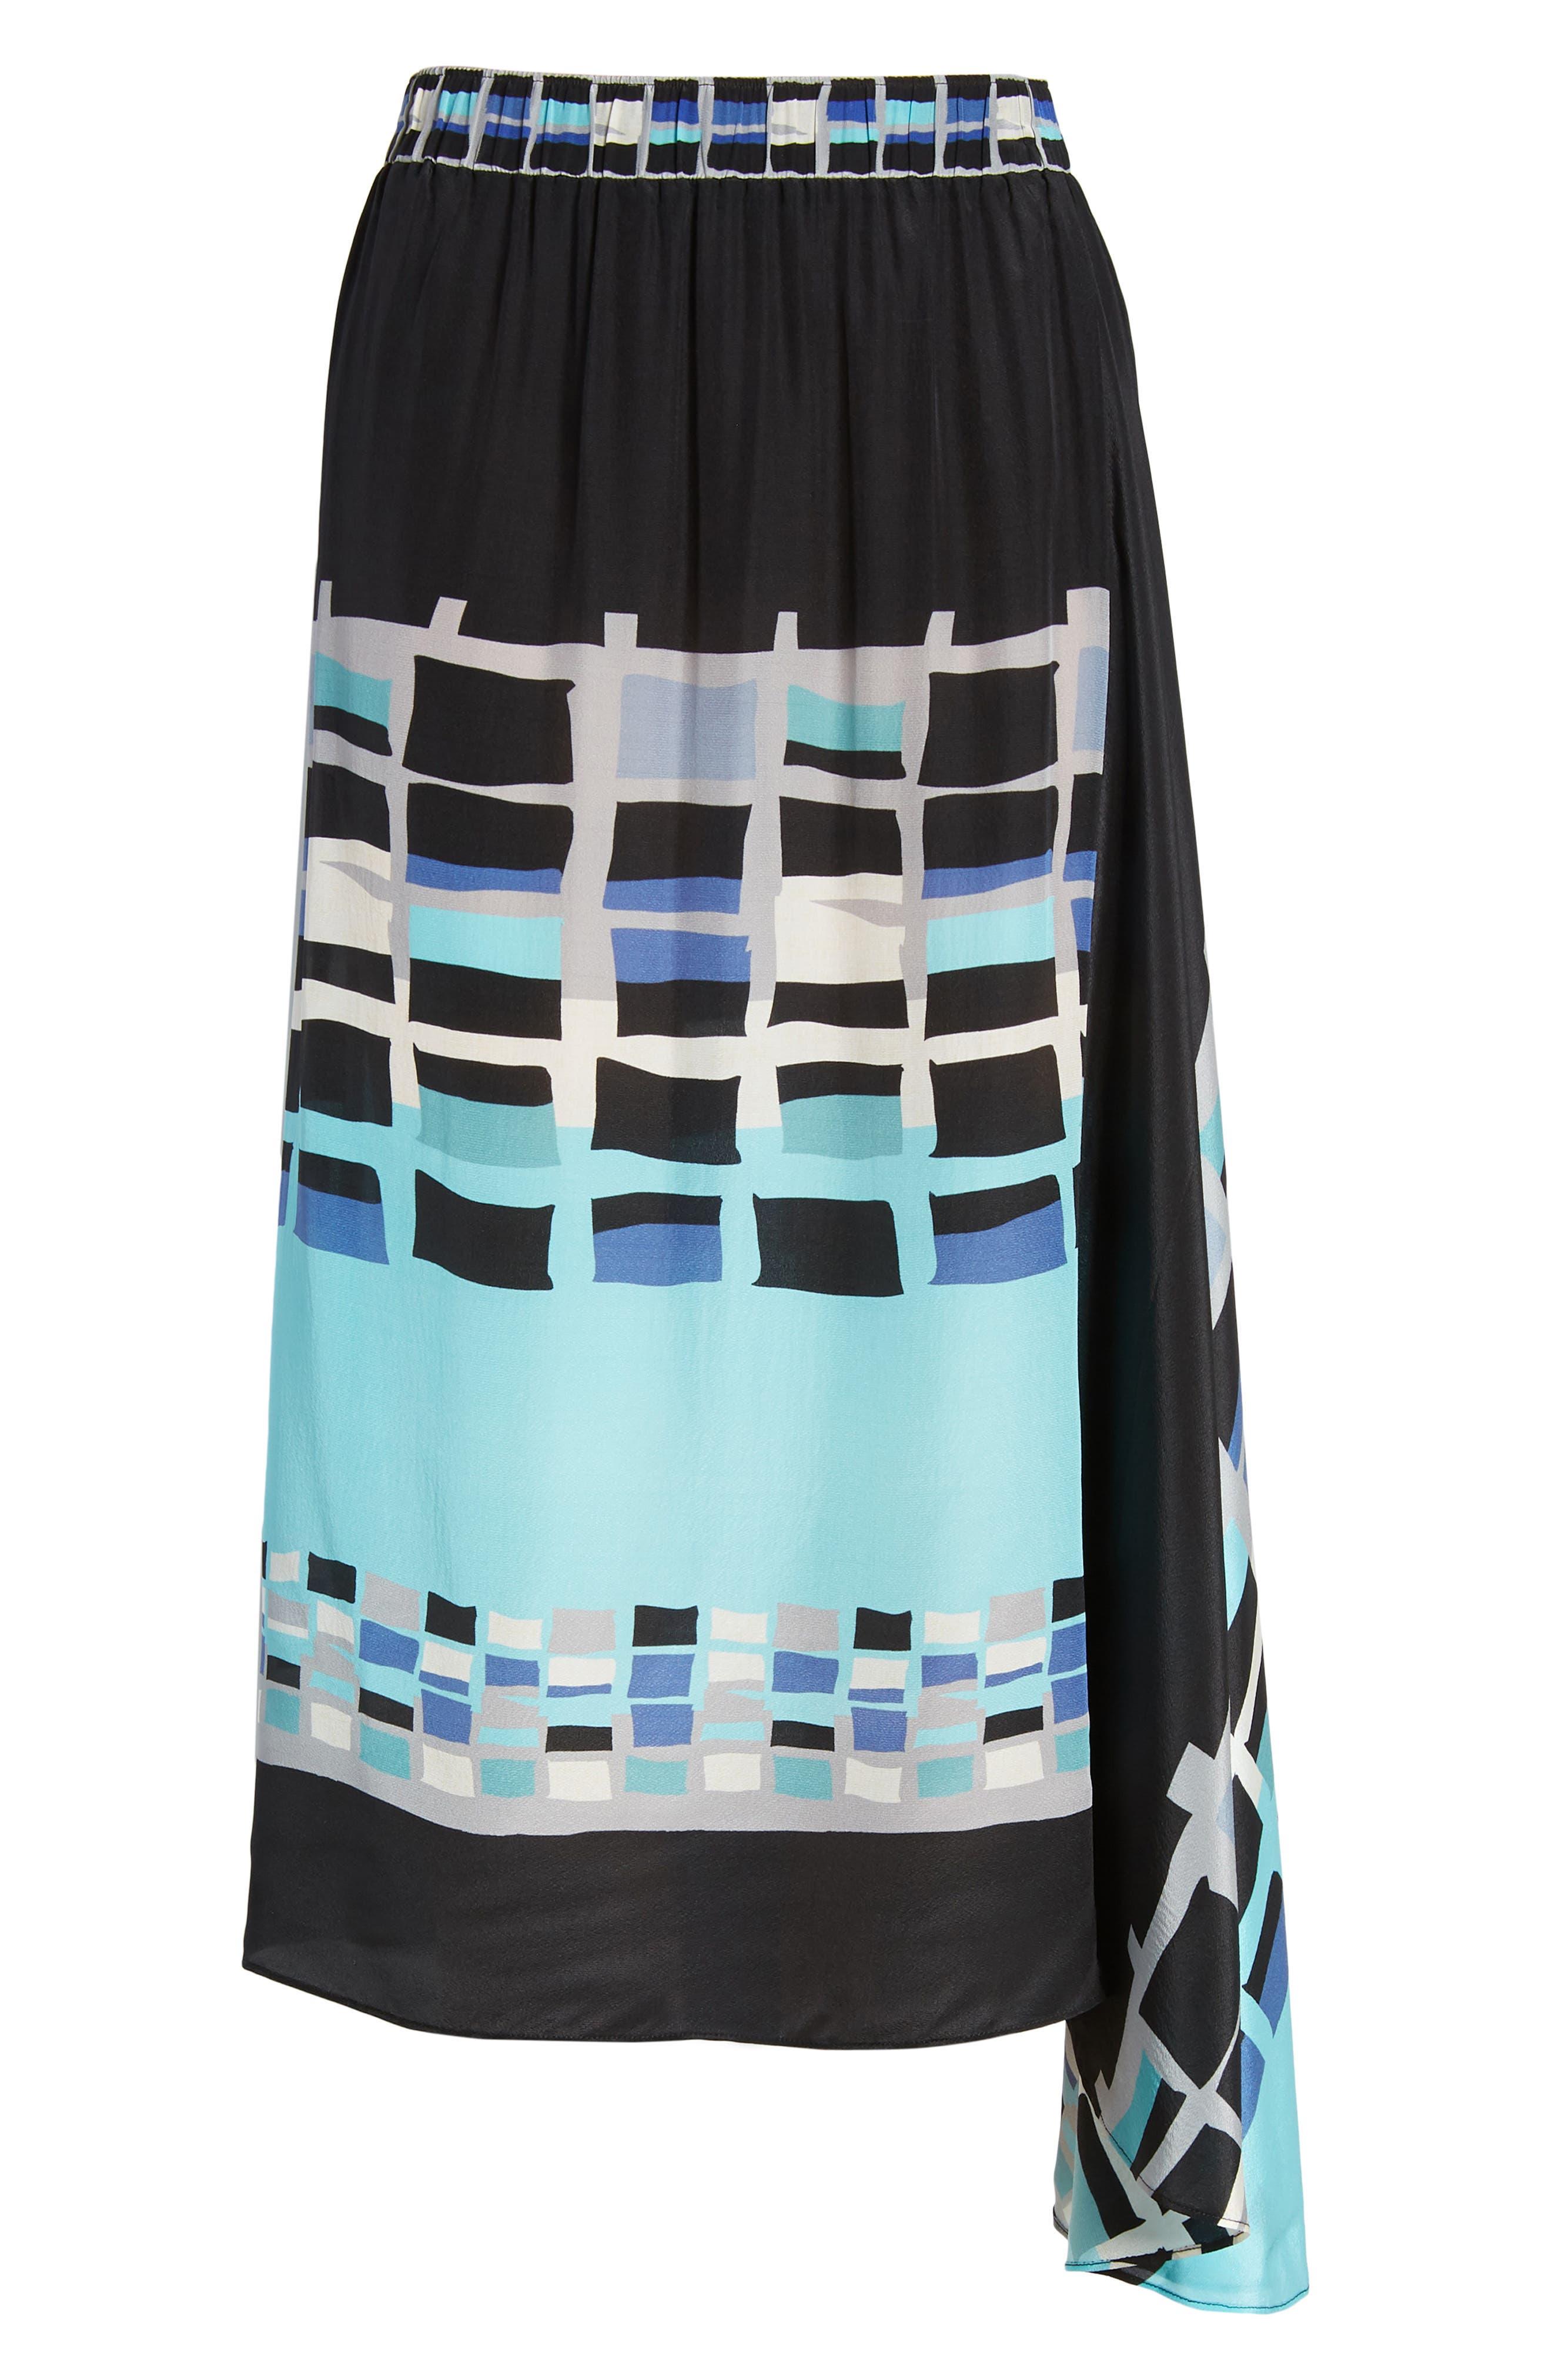 From Above Silk Blend Skirt,                             Alternate thumbnail 5, color,                             Multi